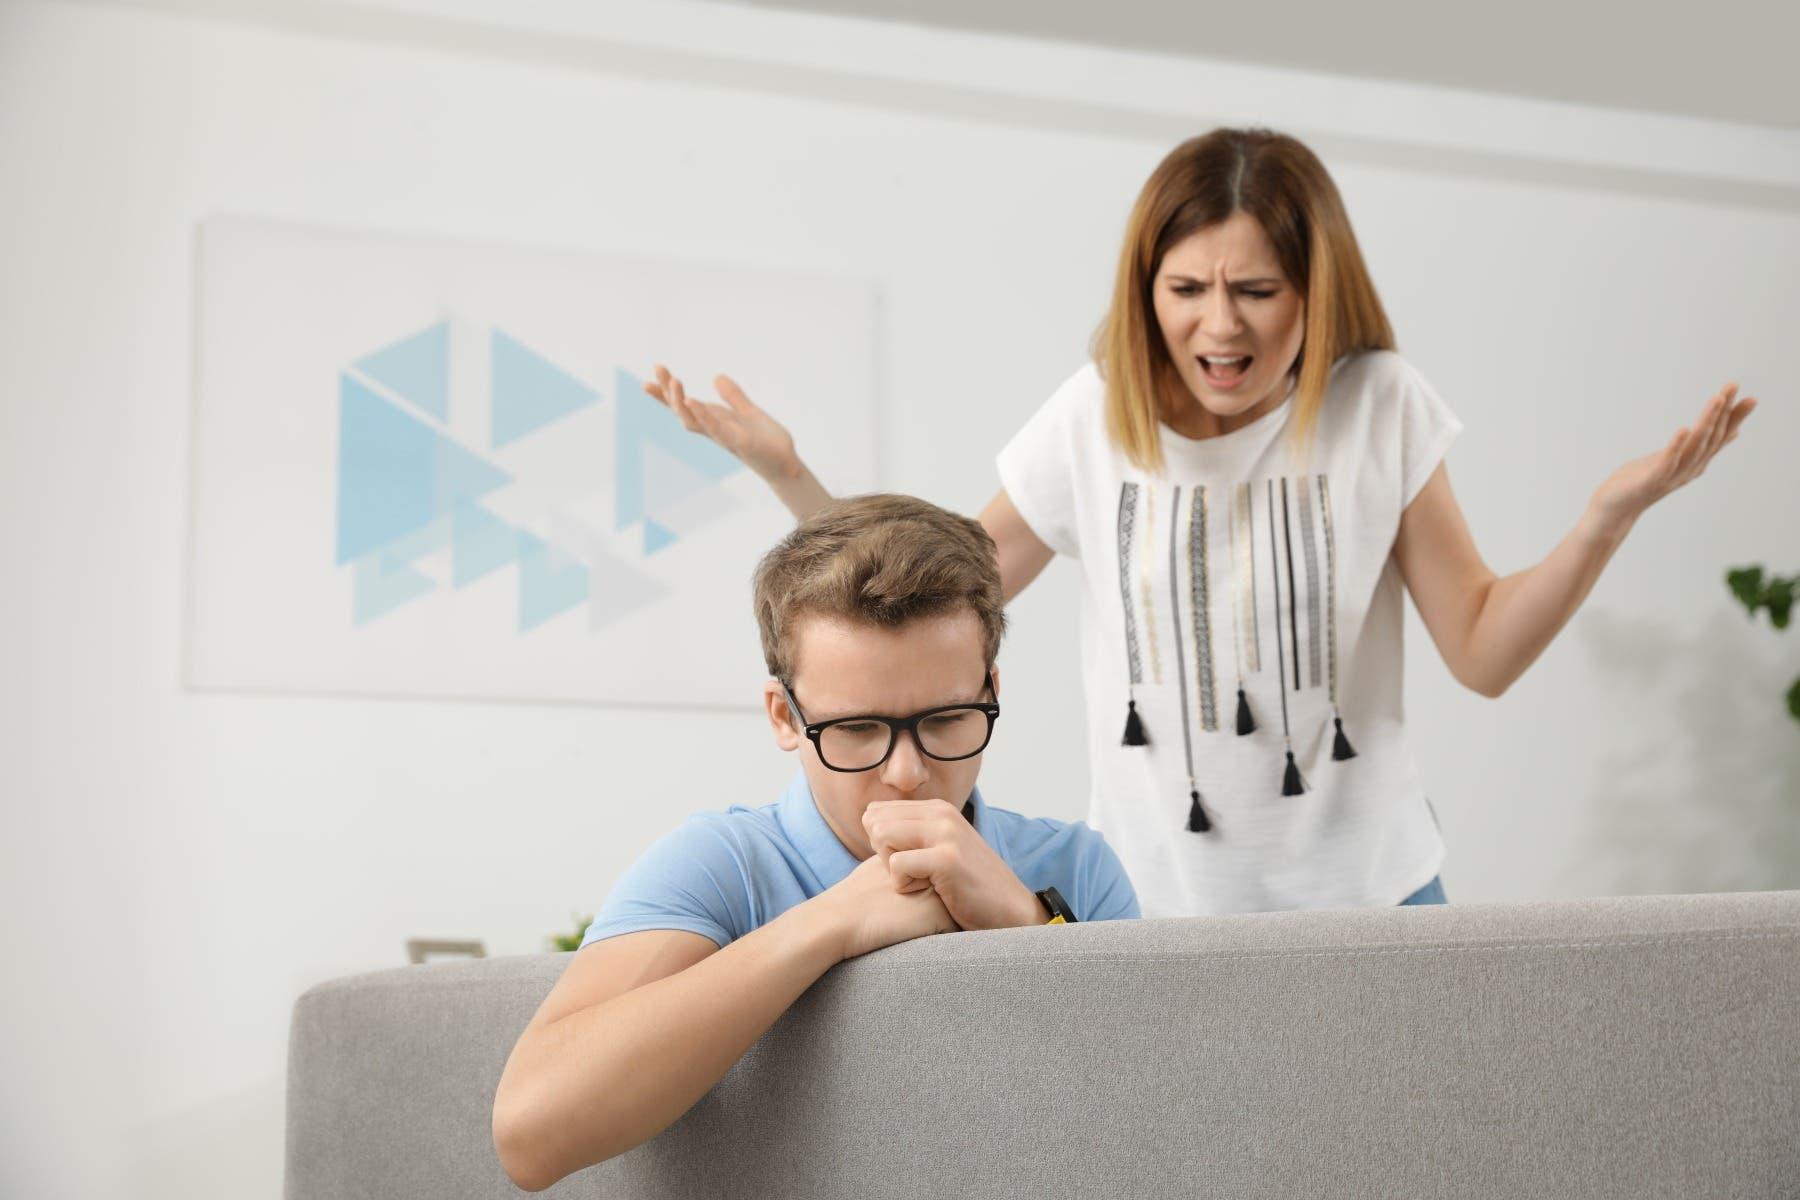 الأخطاء التي يرتكبها الأهل في حق المراهق